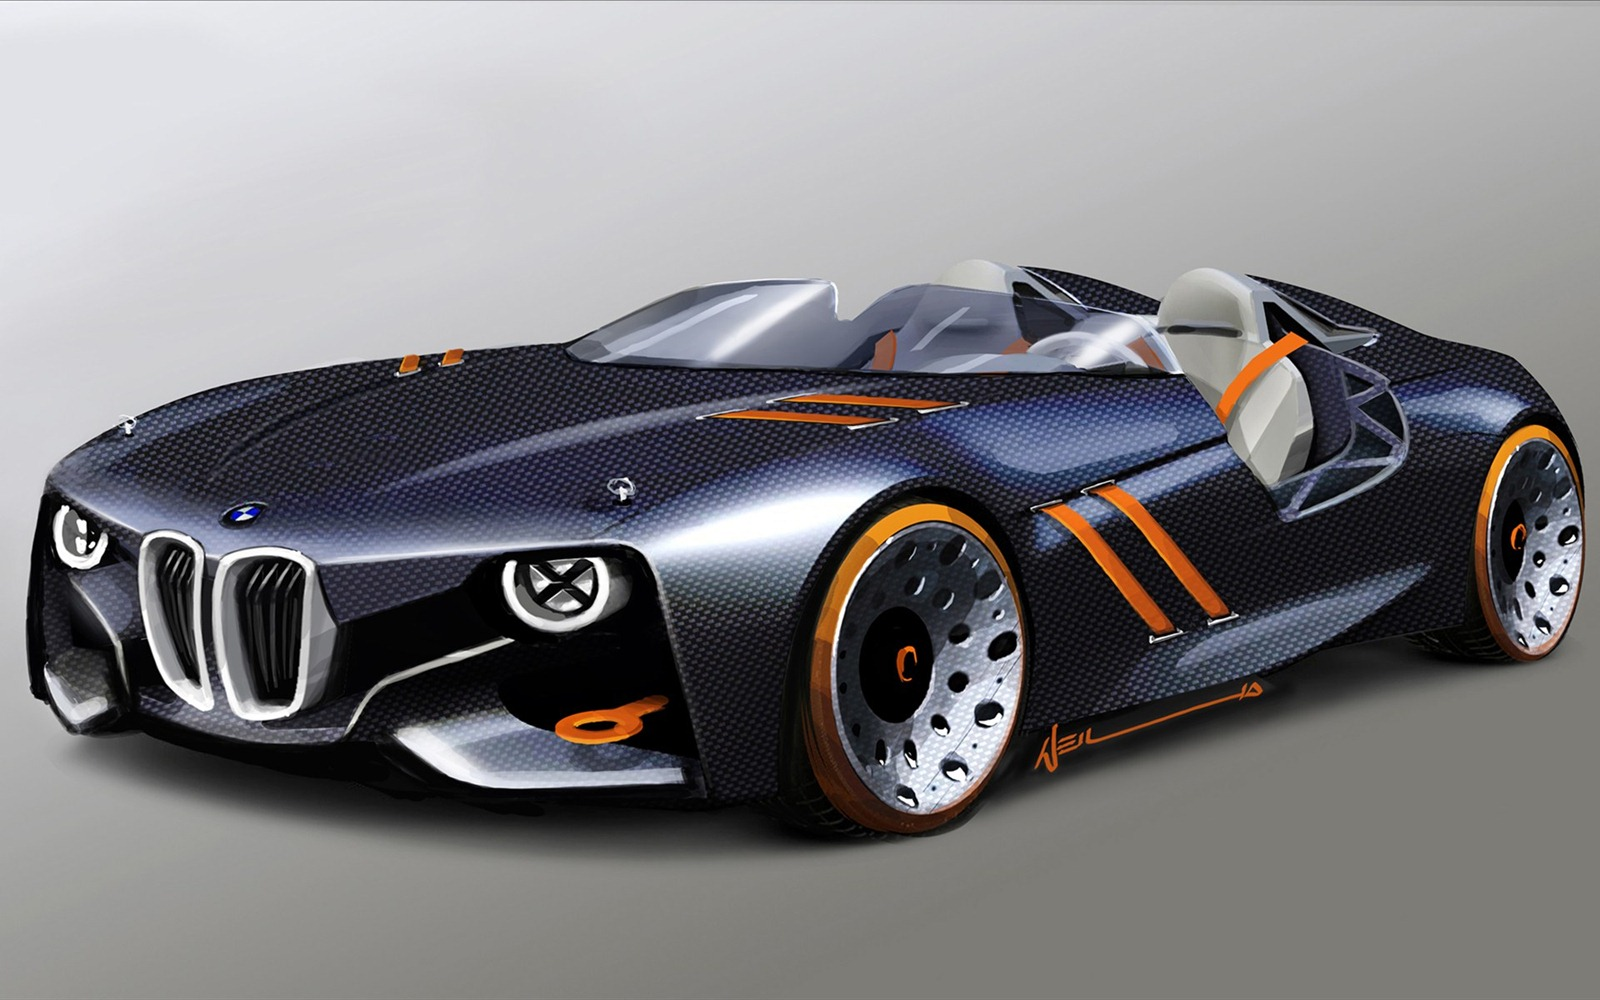 Hot Cars WeNeedFun 1600x1000